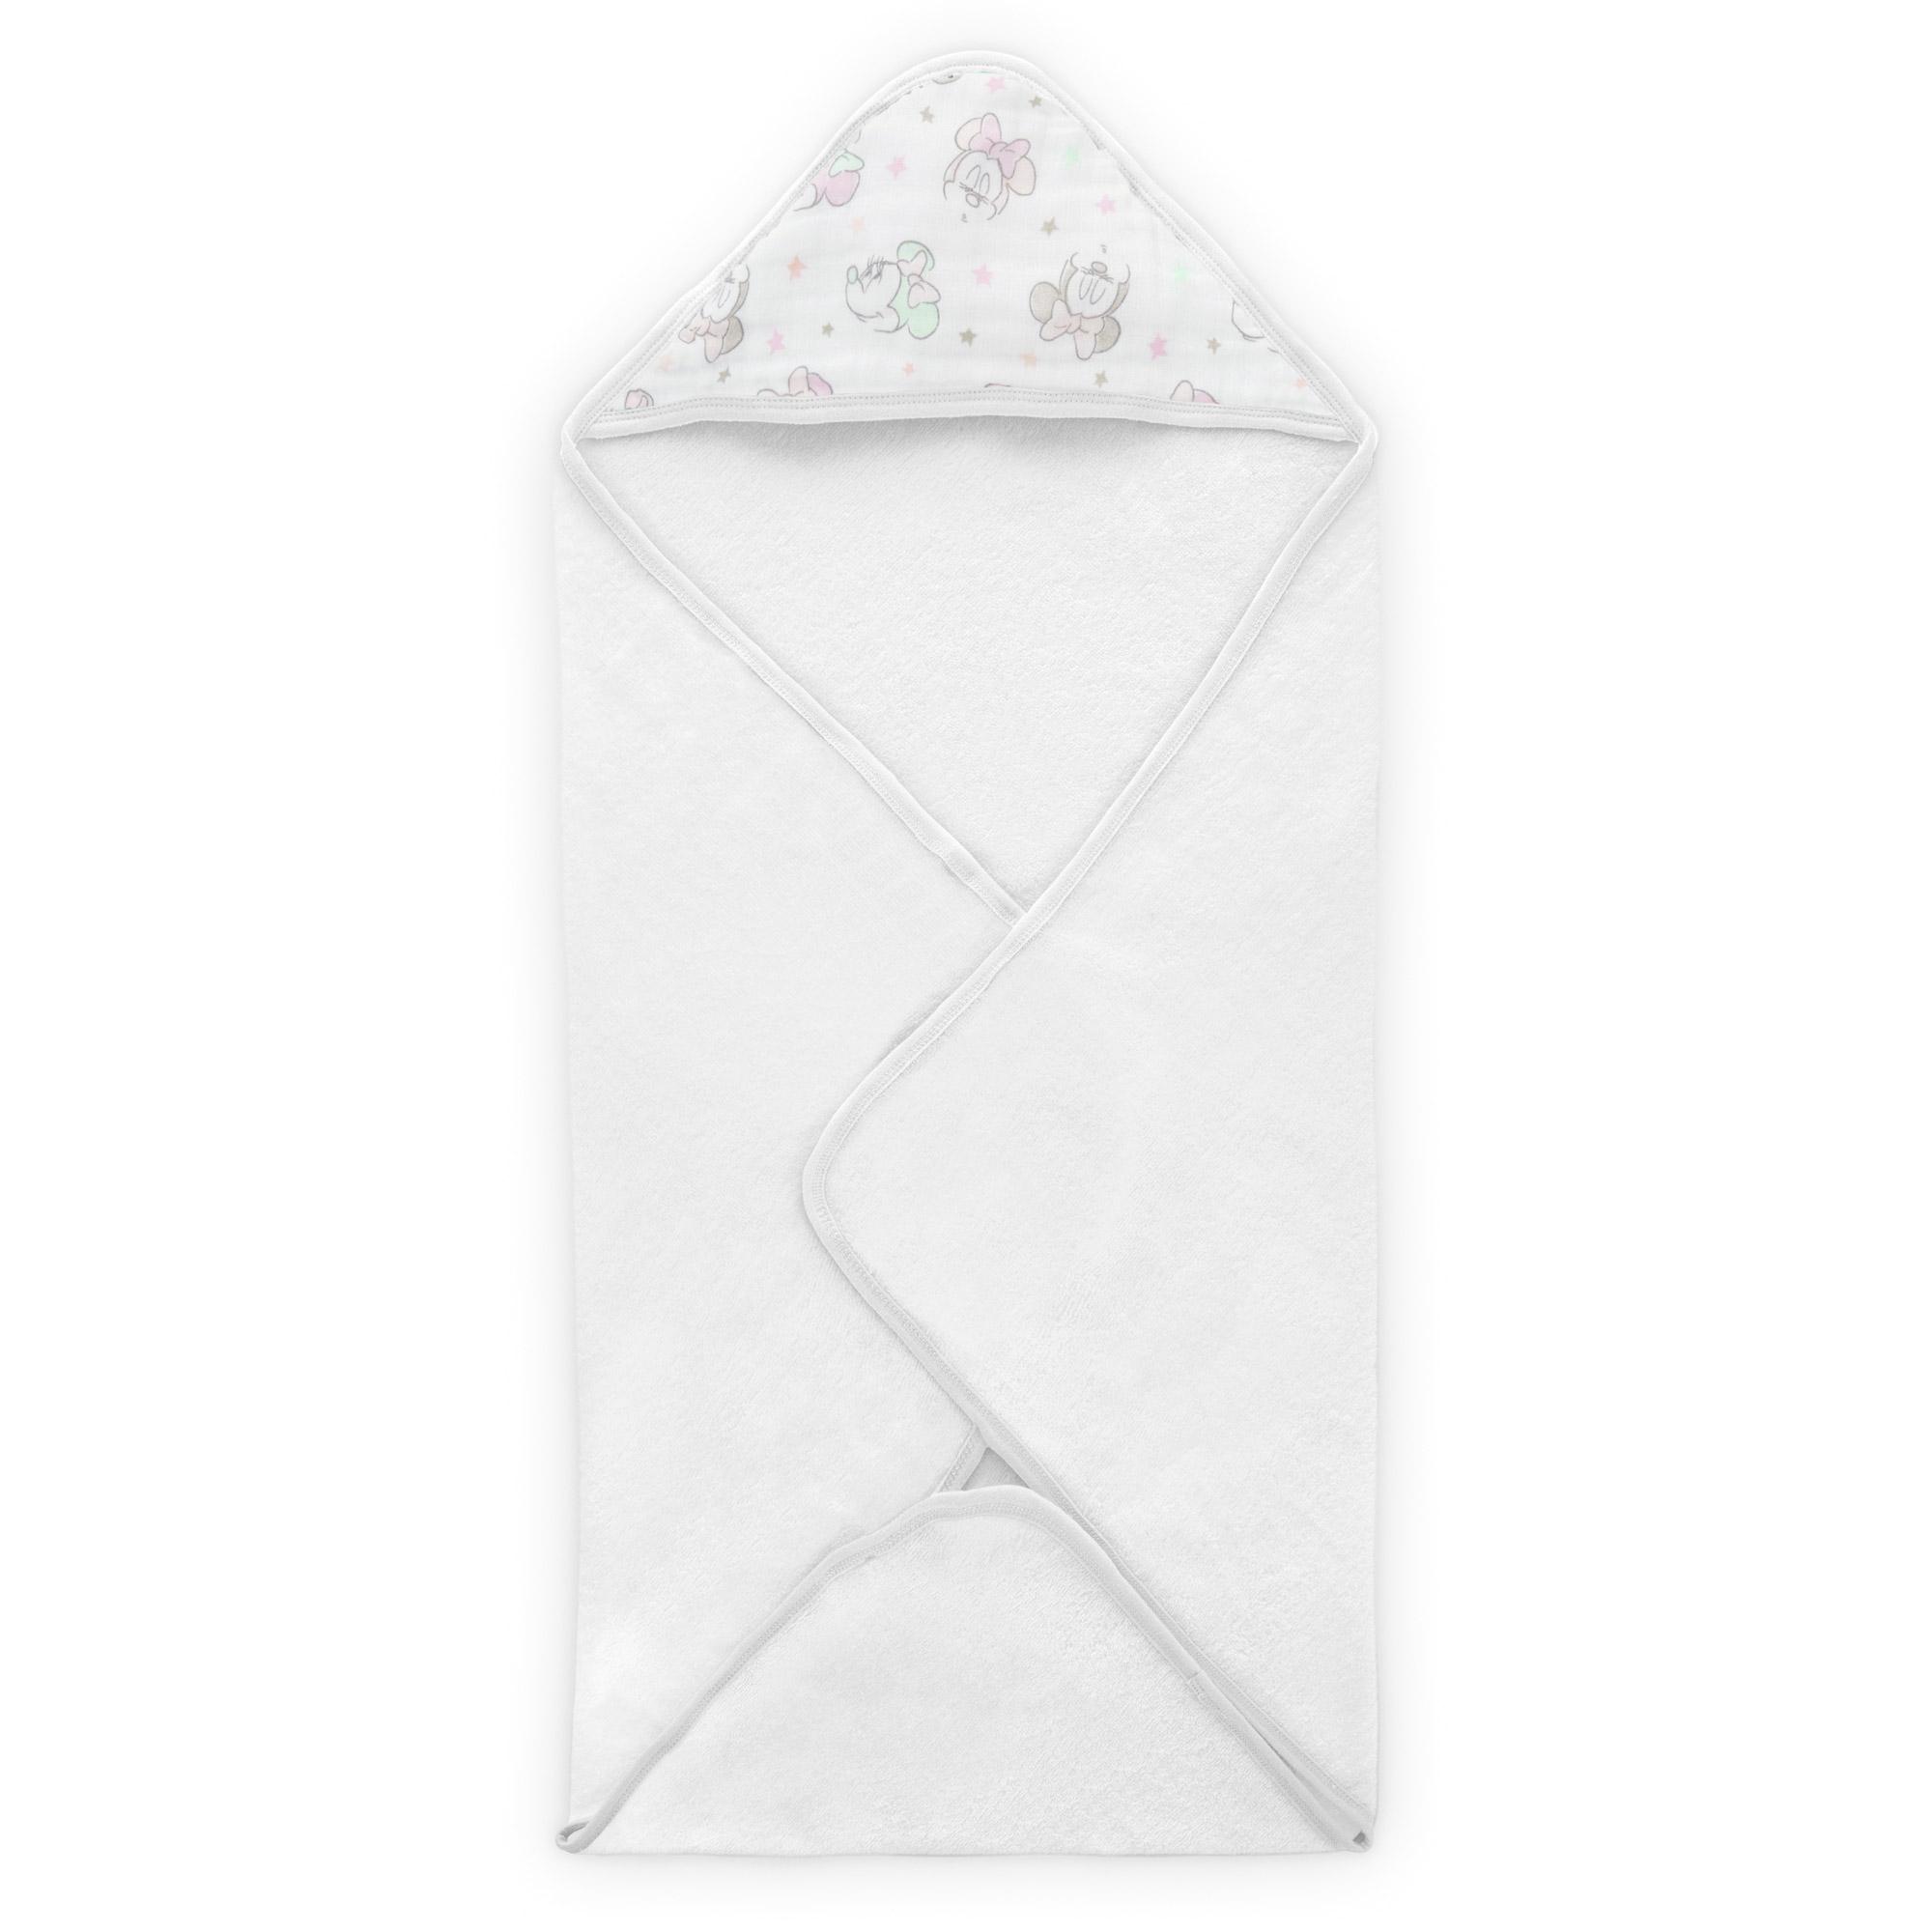 doll /éponge de coton avec capuche en mousseline aden by aden anais cape de bain /à capuche 78cm X 78cm